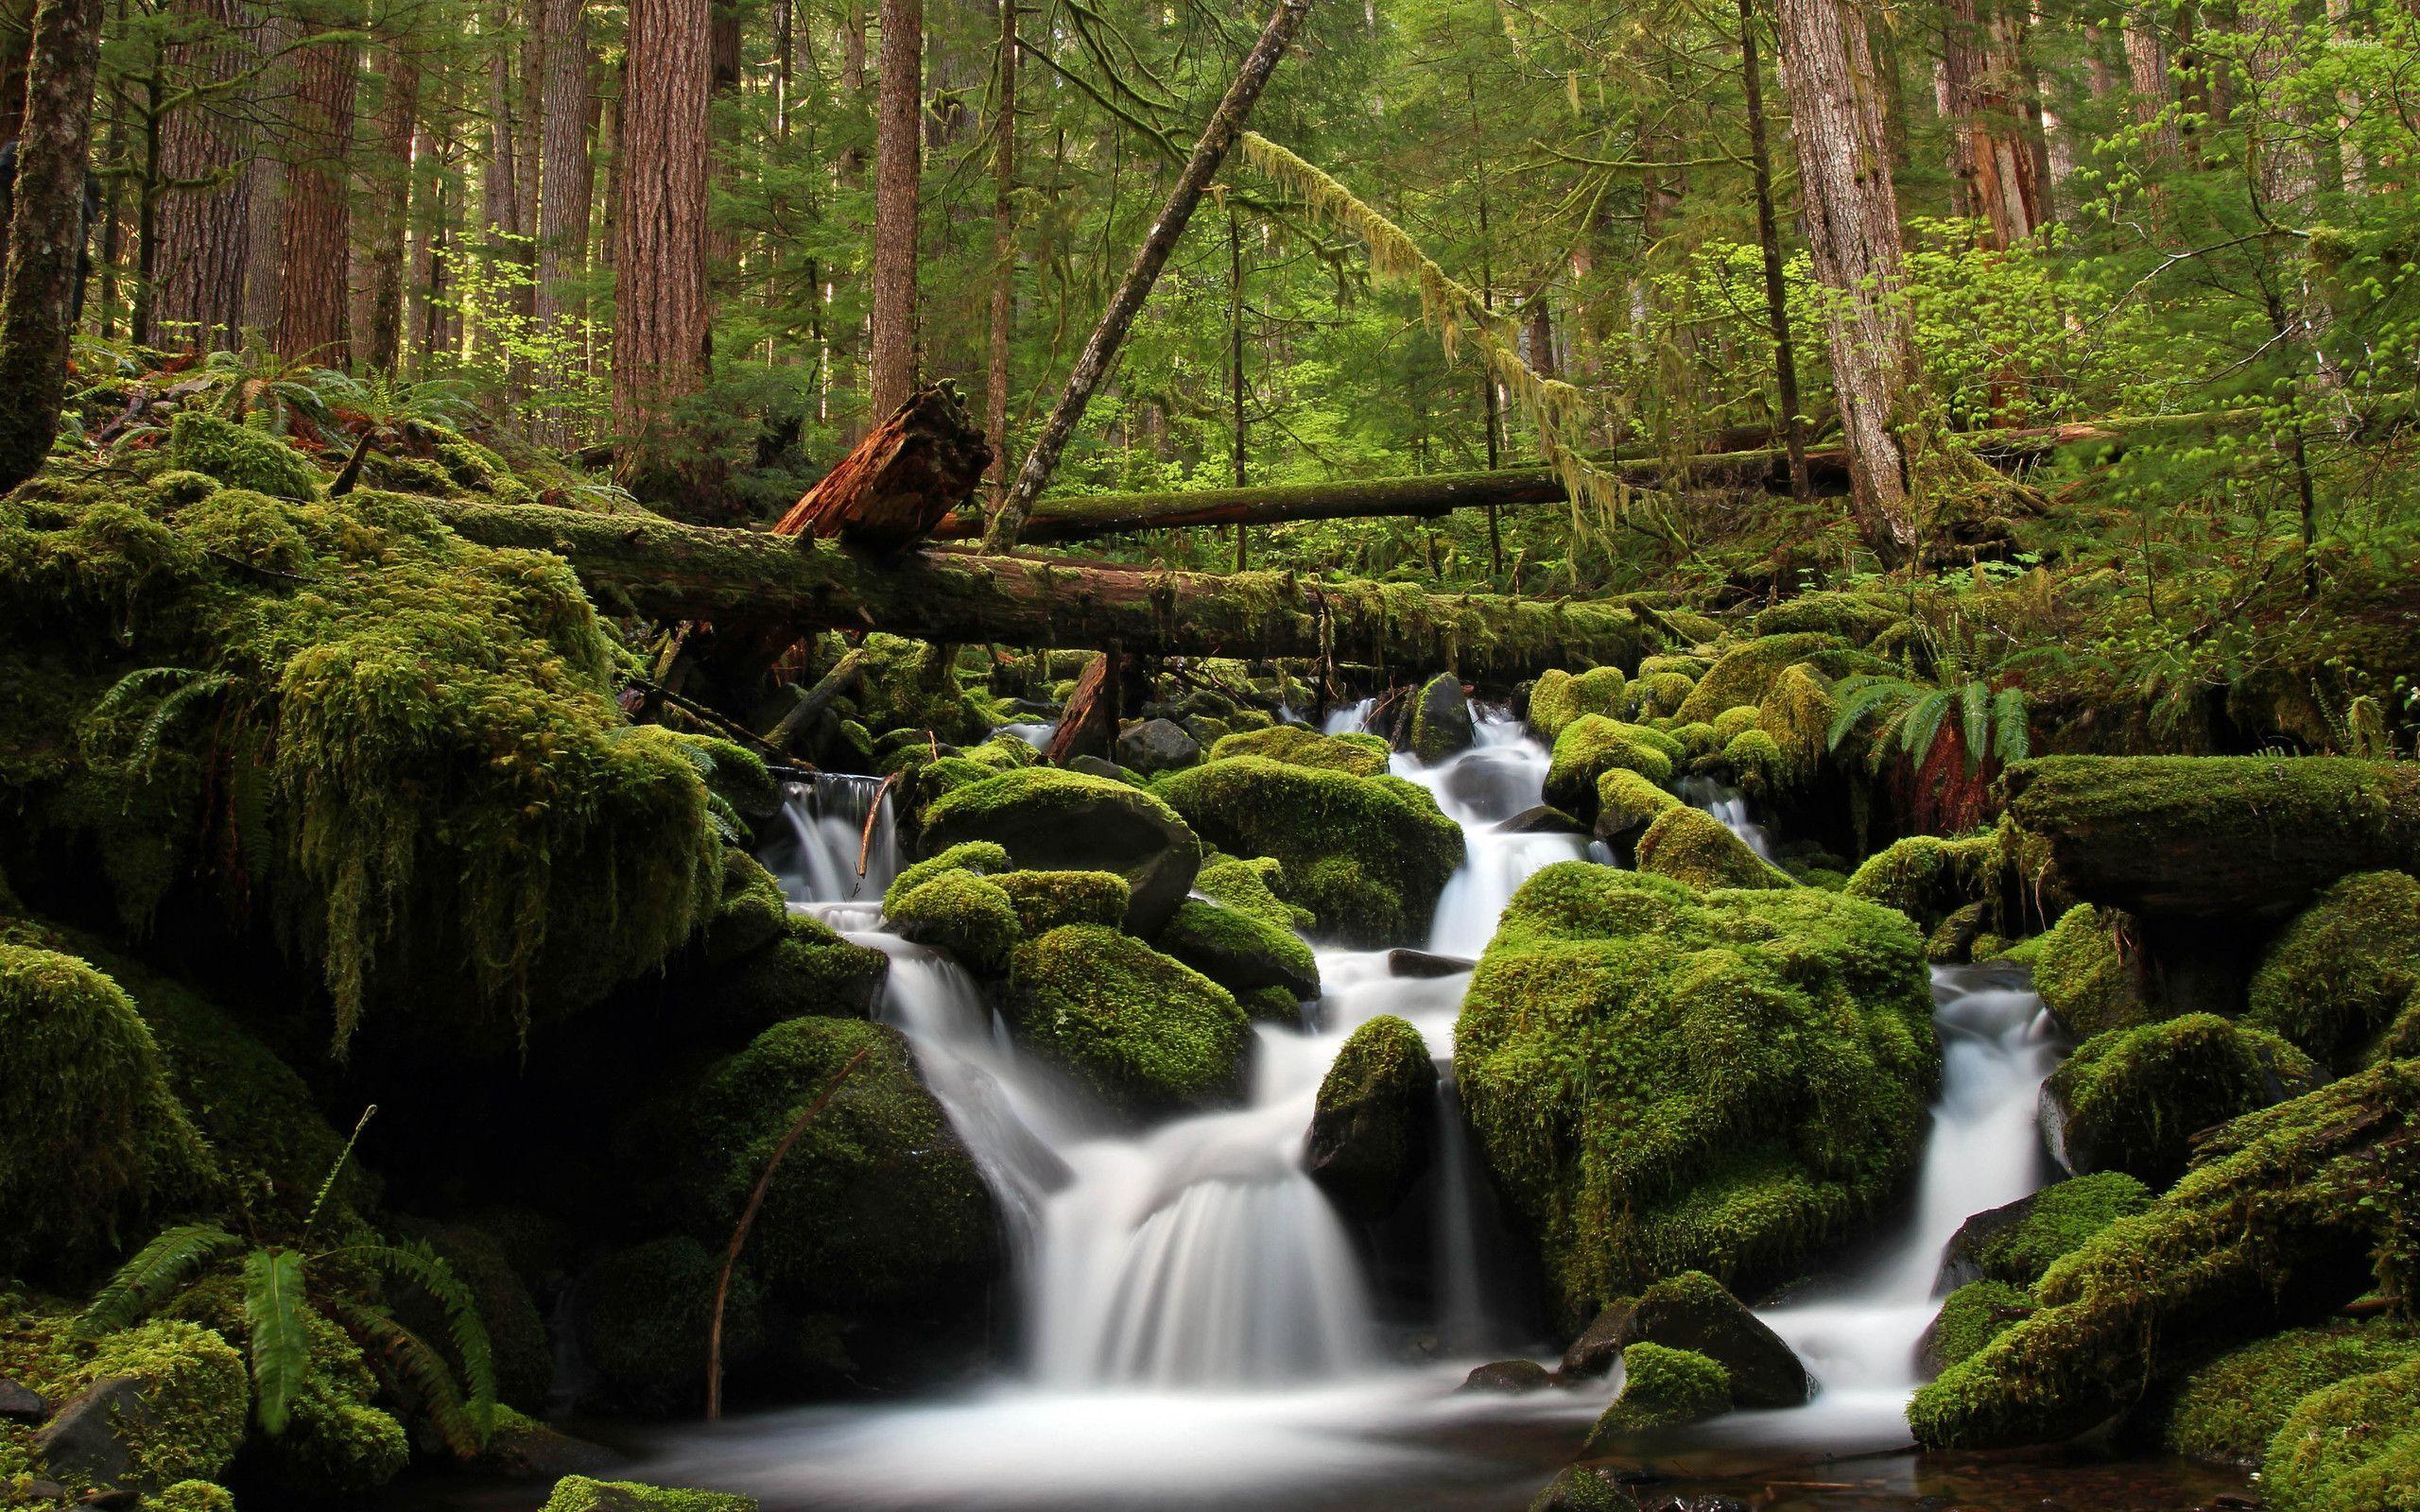 водопад деревья камни загрузить